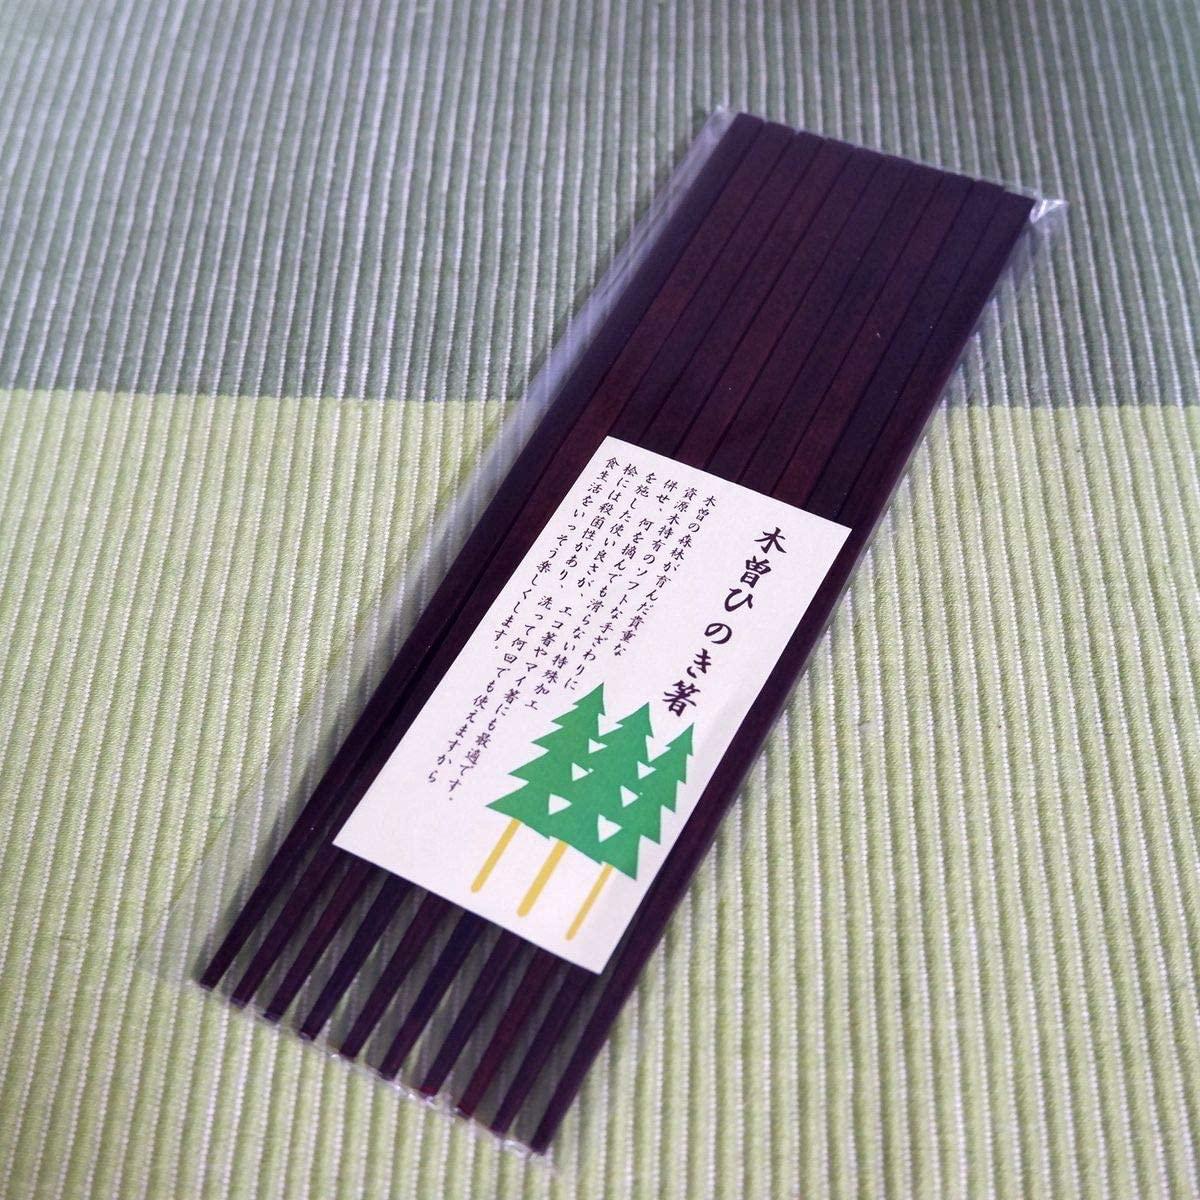 はりま屋(ハリマヤ) 木曽ひのき箸 5膳セット 22.0cmの商品画像3